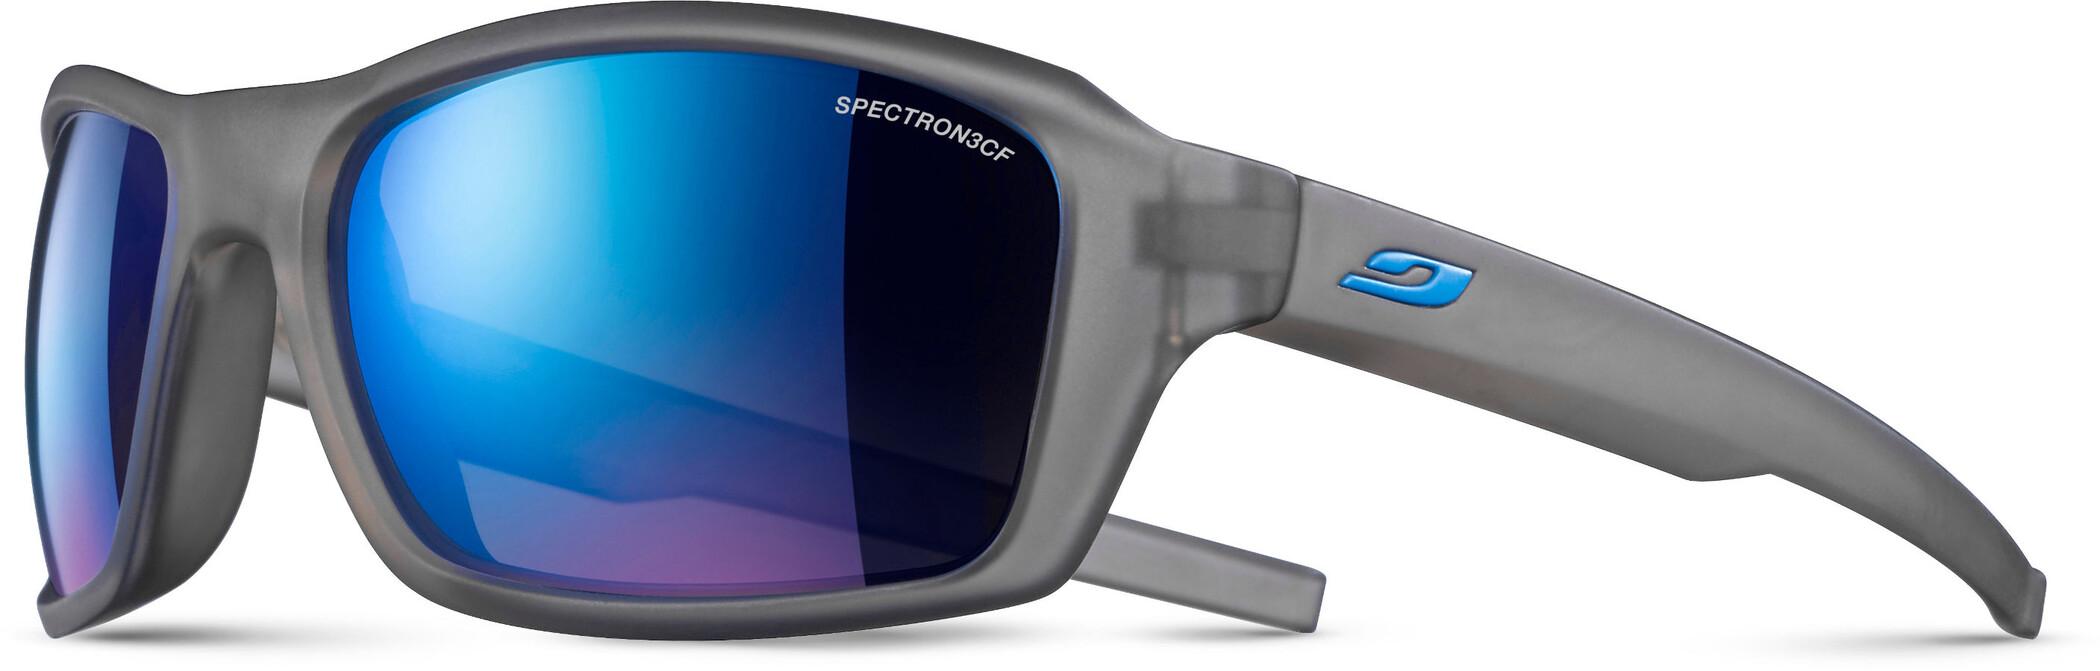 Julbo Extend 2.0 Spectron 3CF Solbriller 8-12Y Børn, translucent gray/blue-multilayer blue | Briller